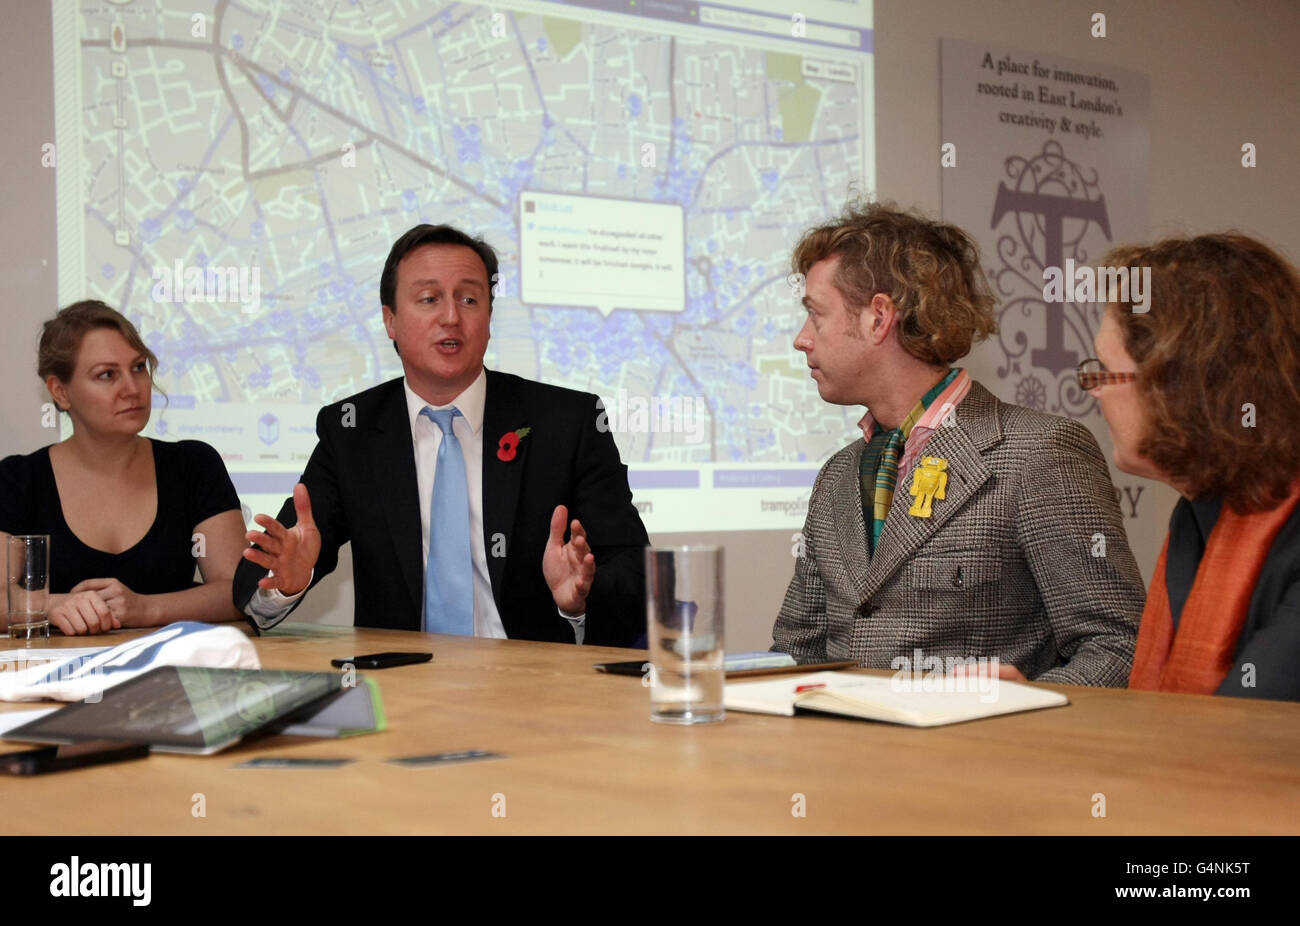 """El primer ministro David Cameron habla con los empleados durante una visita a la compañía de internet The Trampery en Shoreditch, Londres, después de que desafió a las empresas más pequeñas a salir de su """"zona de confort"""" y exportar bienes en el extranjero, ya que anunció que &Pound;95 millones se pondrá a disposición de la inversión. Foto de stock"""